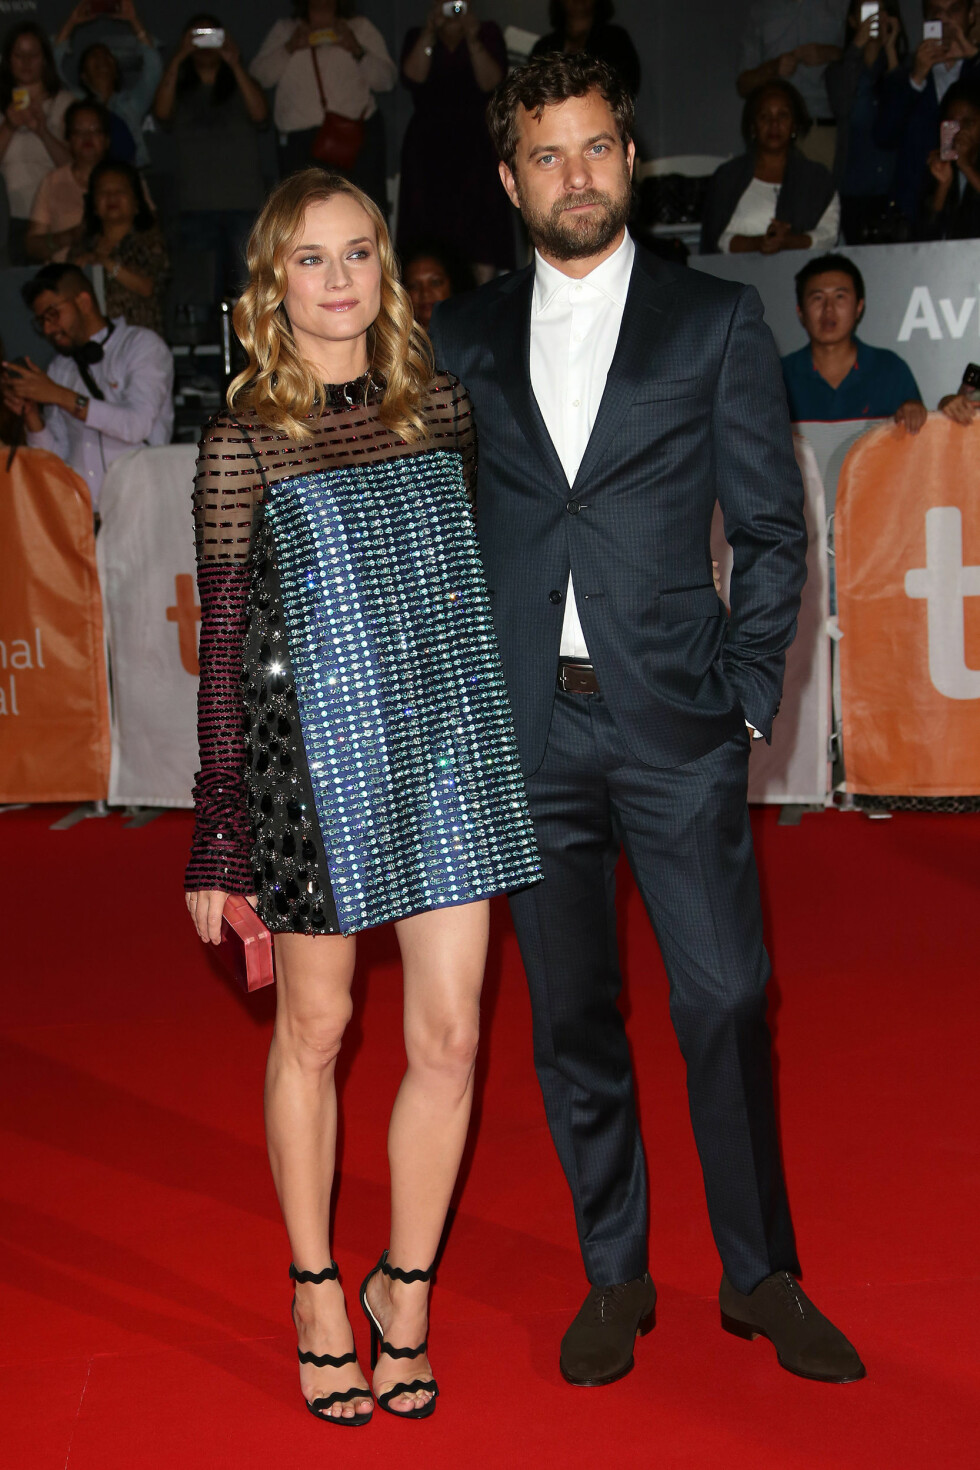 BRUDD: Etter 10 år valgte skuespillerparet Joshua Jackson og Diane Kruger å gå hvert til sitt. Bruddet ble kjent i sommer. Foto: NTB Scanpix